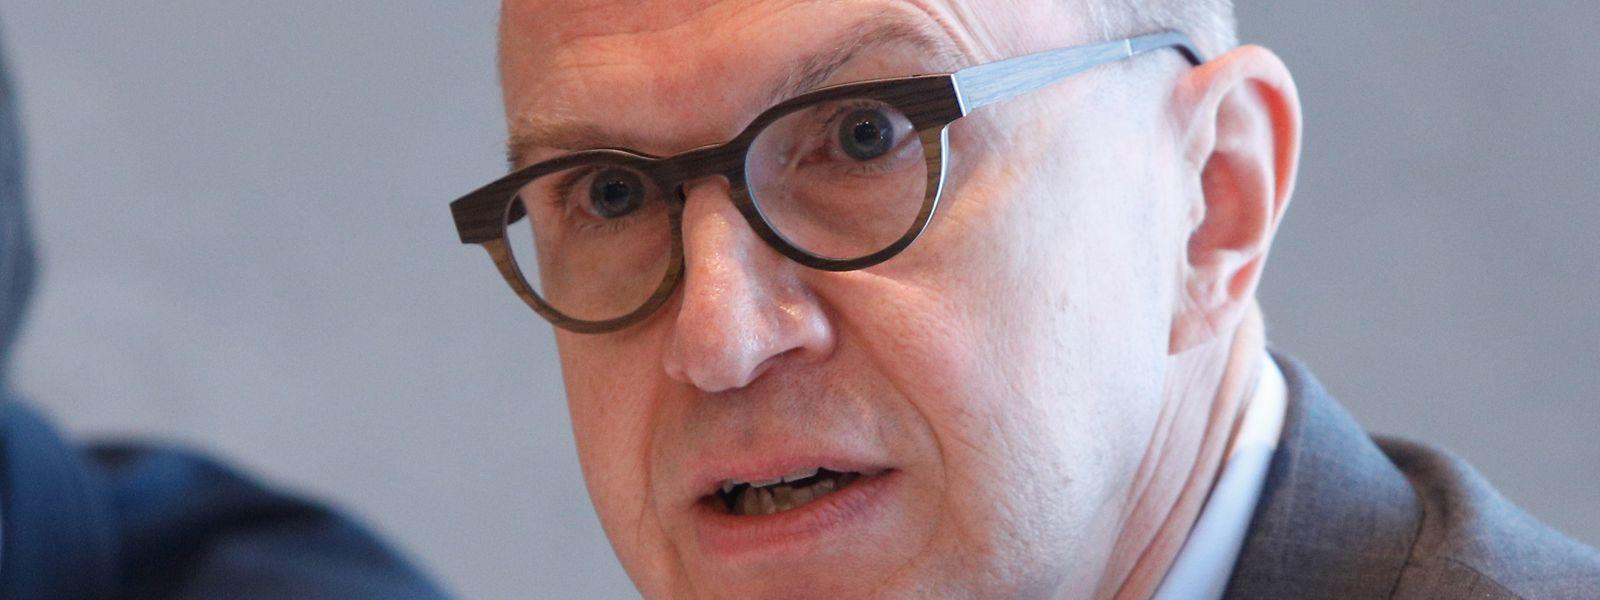 Pour Jean-Luc Dourson, directeur général de Bionext, non seulement sa société a été pénalisée, mais peut-être aussi les finances publiques.